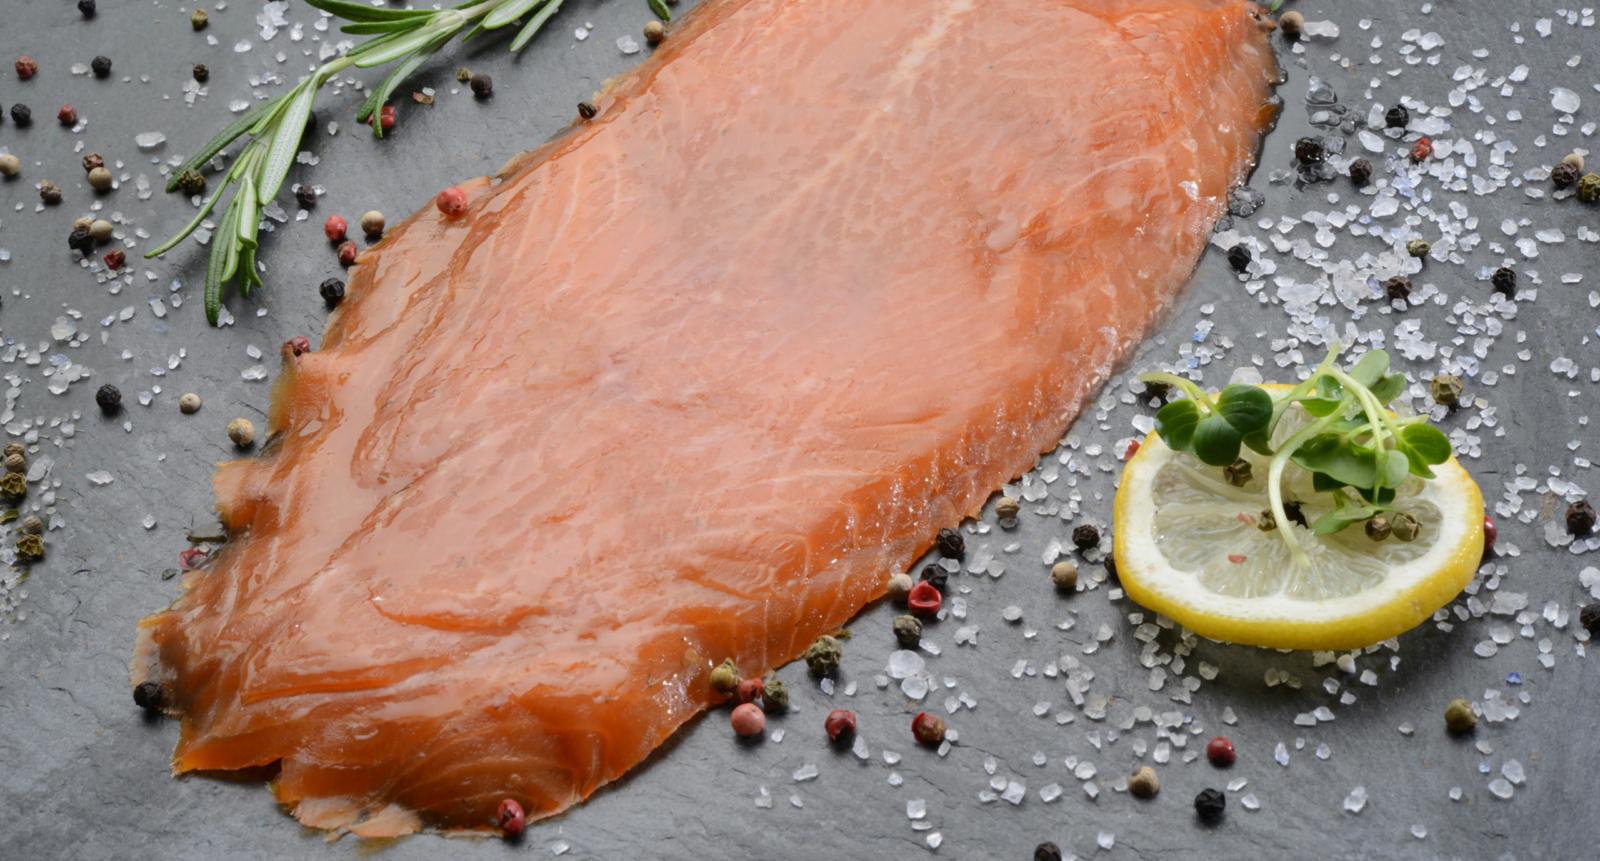 Faszination Genuss - Regionale Produkte - Mosel Fisch